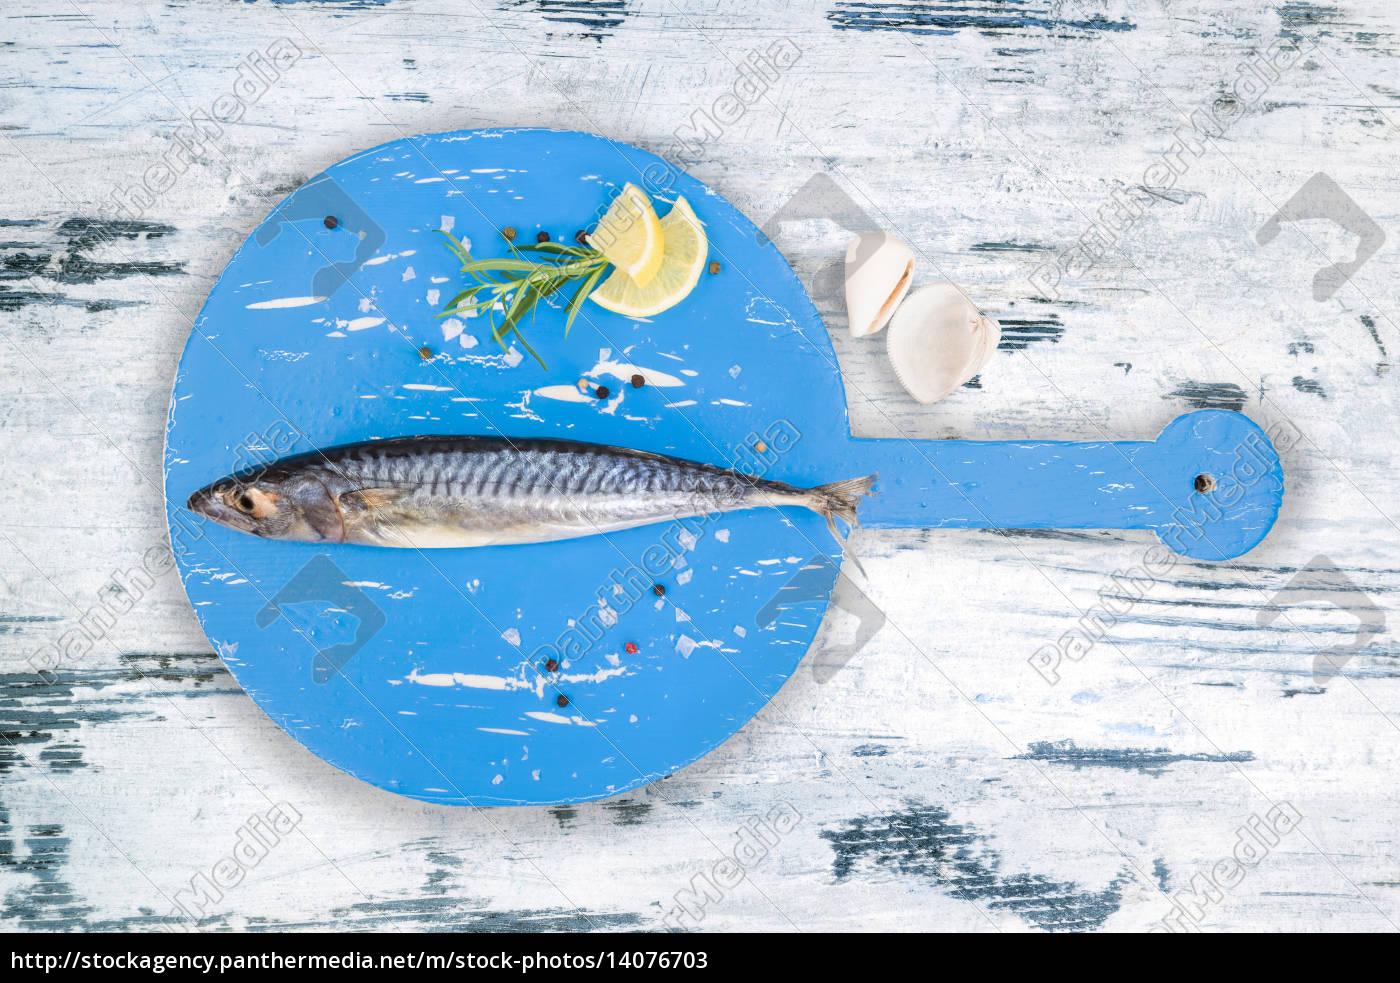 blue, food, aliment, animal, water, mediterranean - 14076703